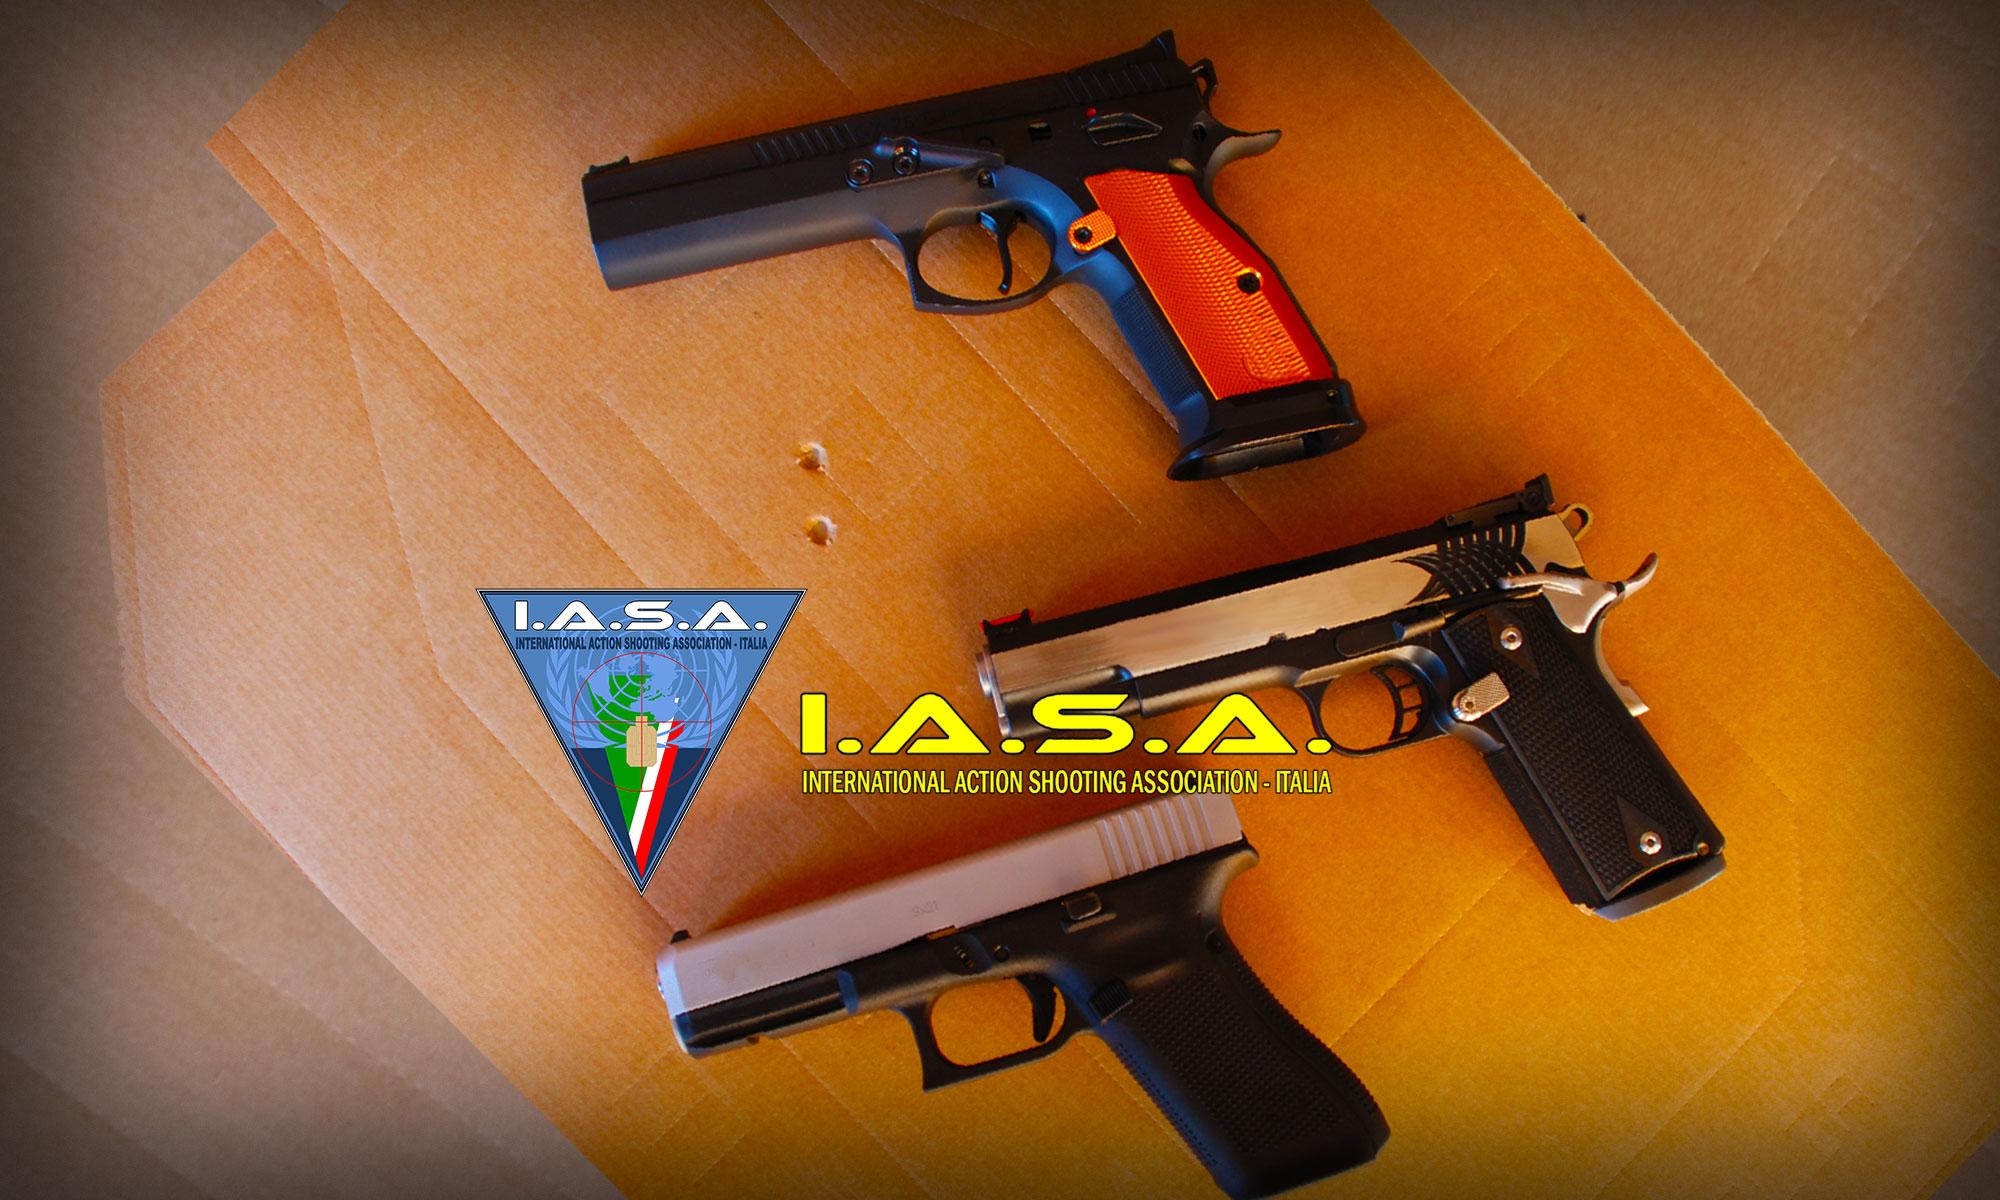 I.A.S.A. - italia